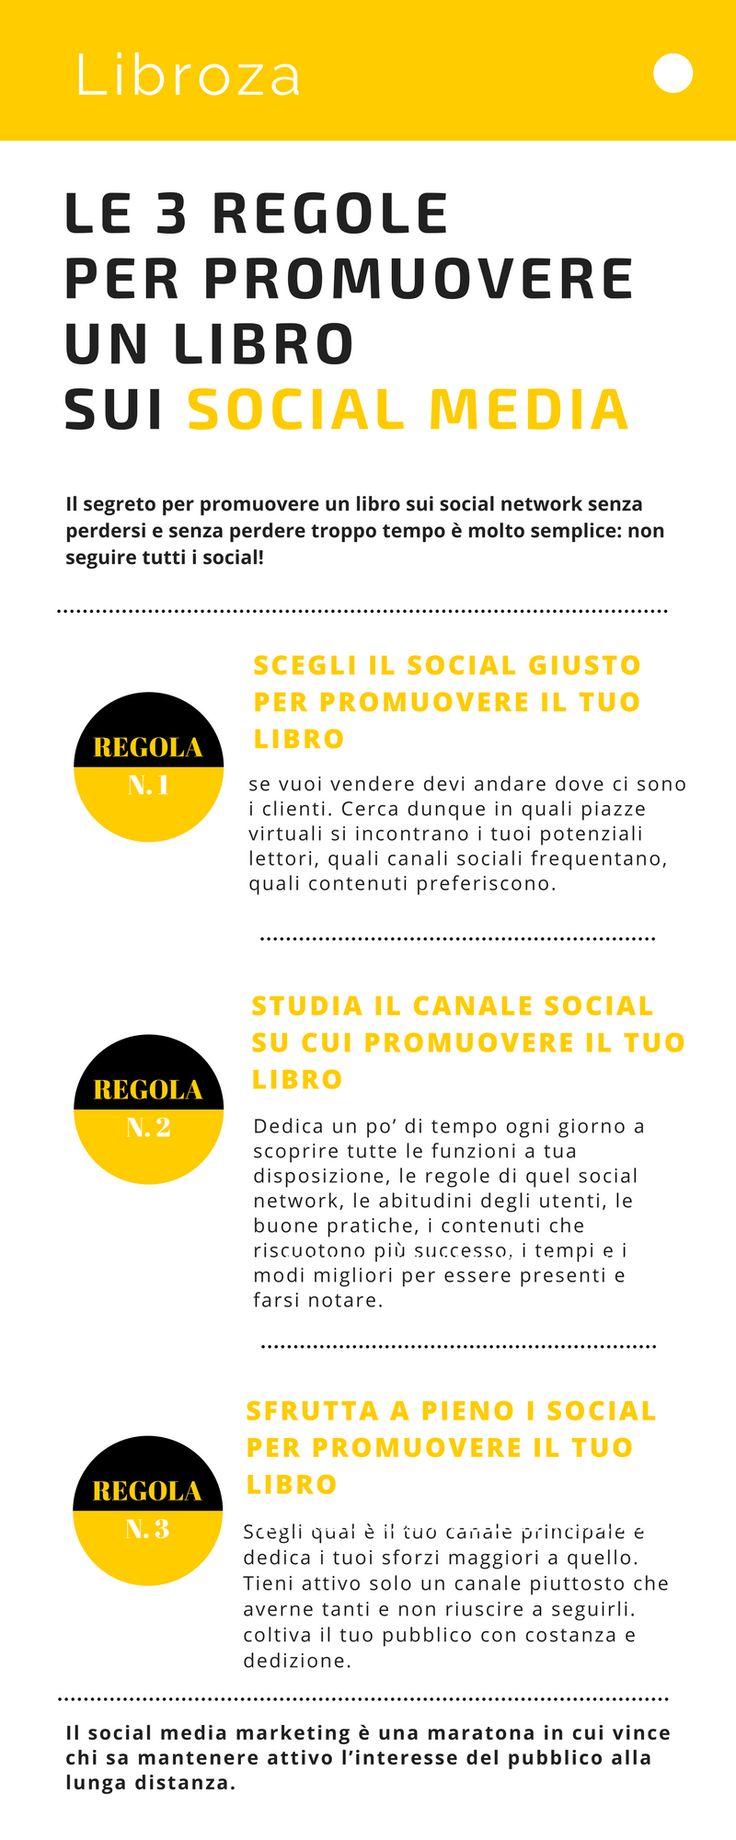 Infografica - 001 - Le 3 regole per promuovere un libro sui Social Media - Libroza.com